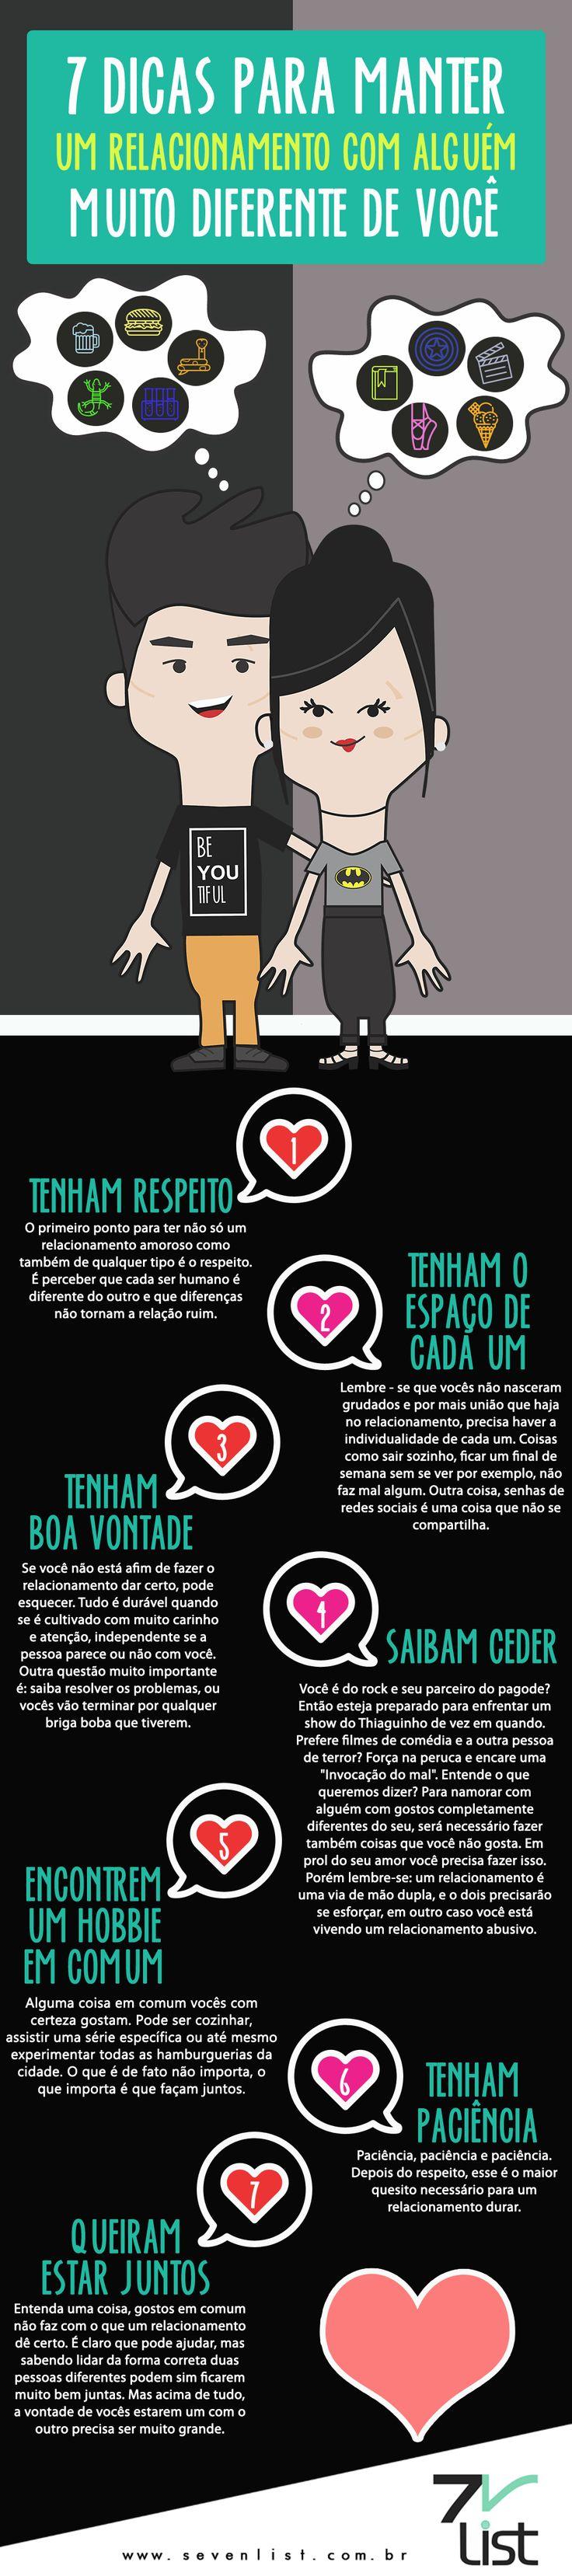 Dizem que os opostos se atraem, e quem namora com alguém com gostos muitos diferentes do seu sabe do que estamos falando. Confira nossa lista com 7 dicas para manter um relacionamento com alguém muito diferente de você. #SevenList #Dicas #Blog #Brasil #Love #Date #Namoro #Namorar #Girlfriend #Boyfriend #Lover #Relacionamento